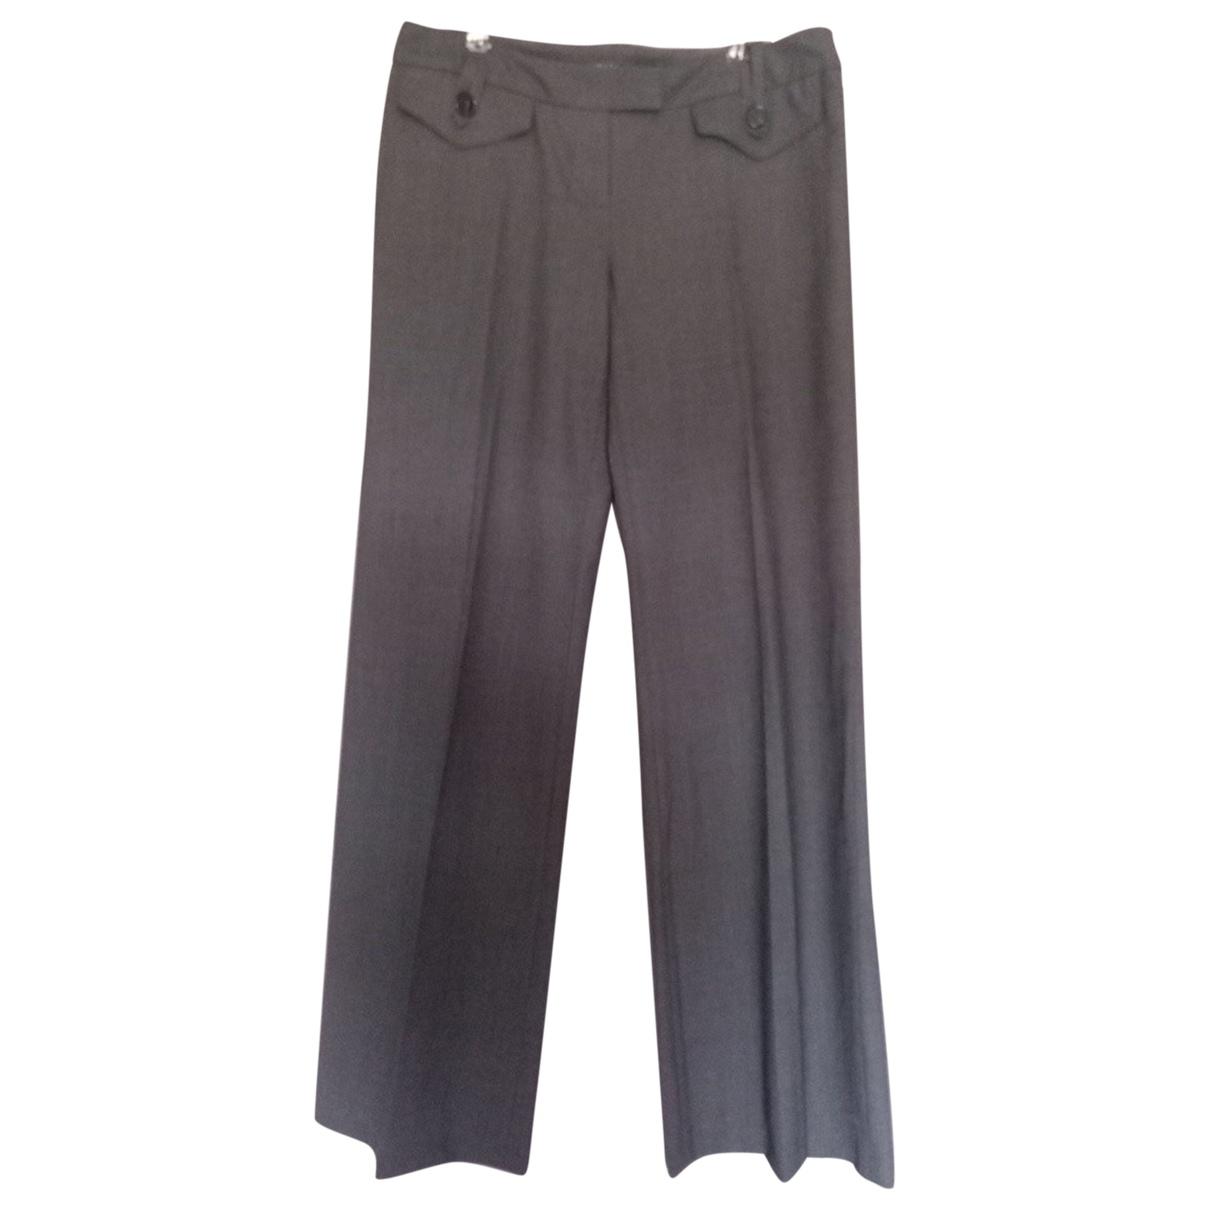 Pantalon recto de Lana Barbara Bui